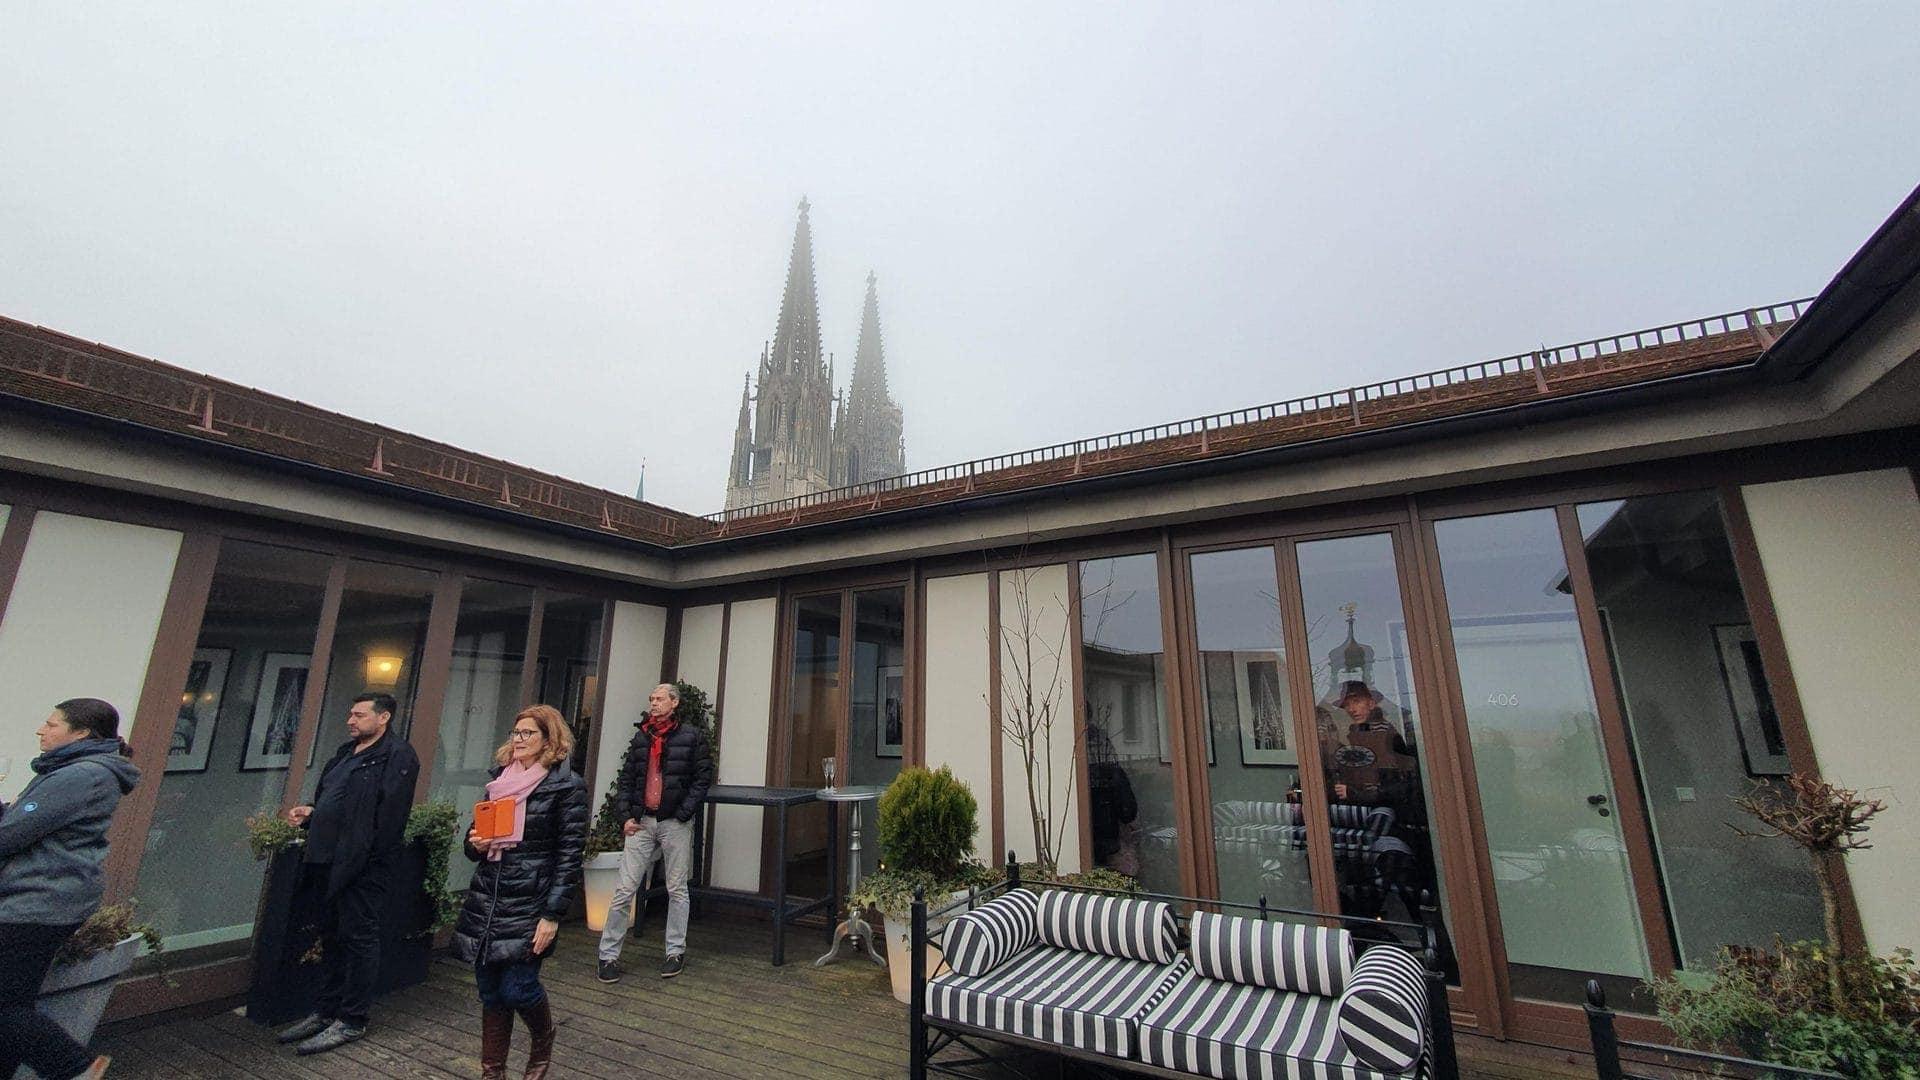 Nicht nur bei Sonnenschein sehenswert ist die Dachterrasse des Hotels Goliath